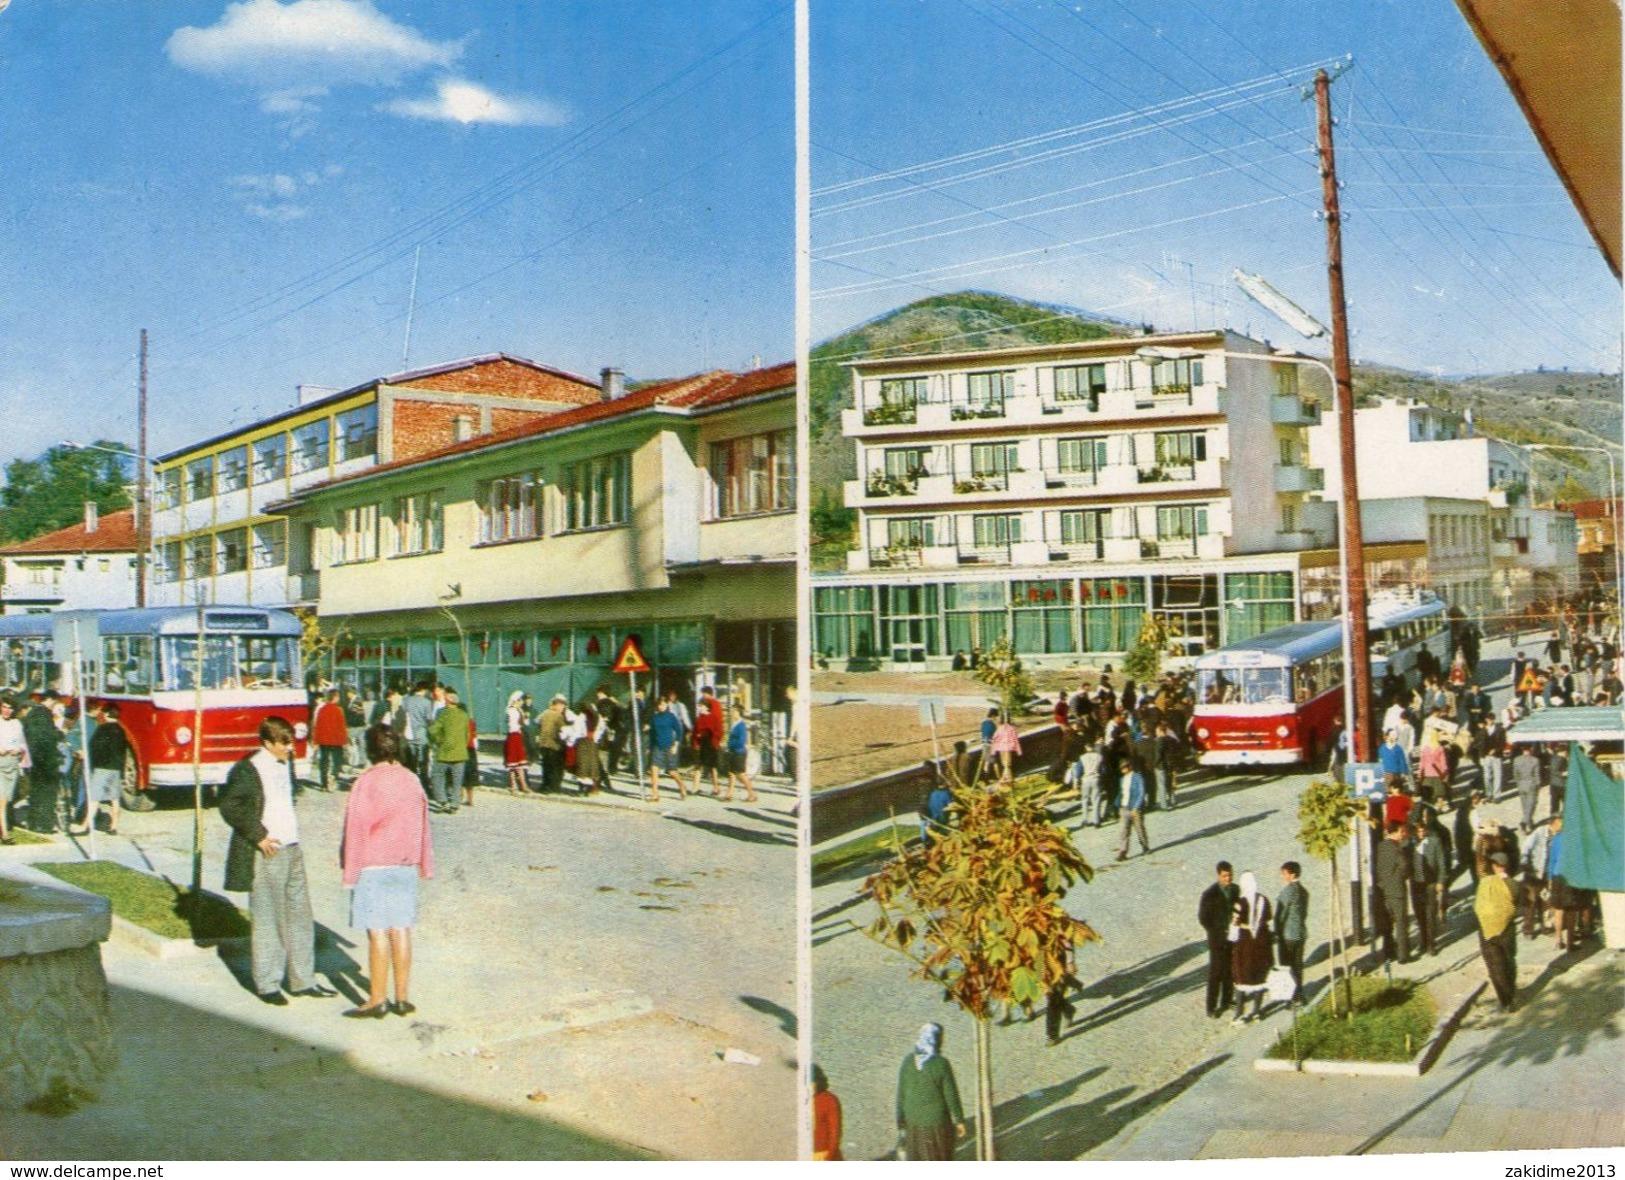 Стопанскиот развој на Крива Паланка во шеесеттите години